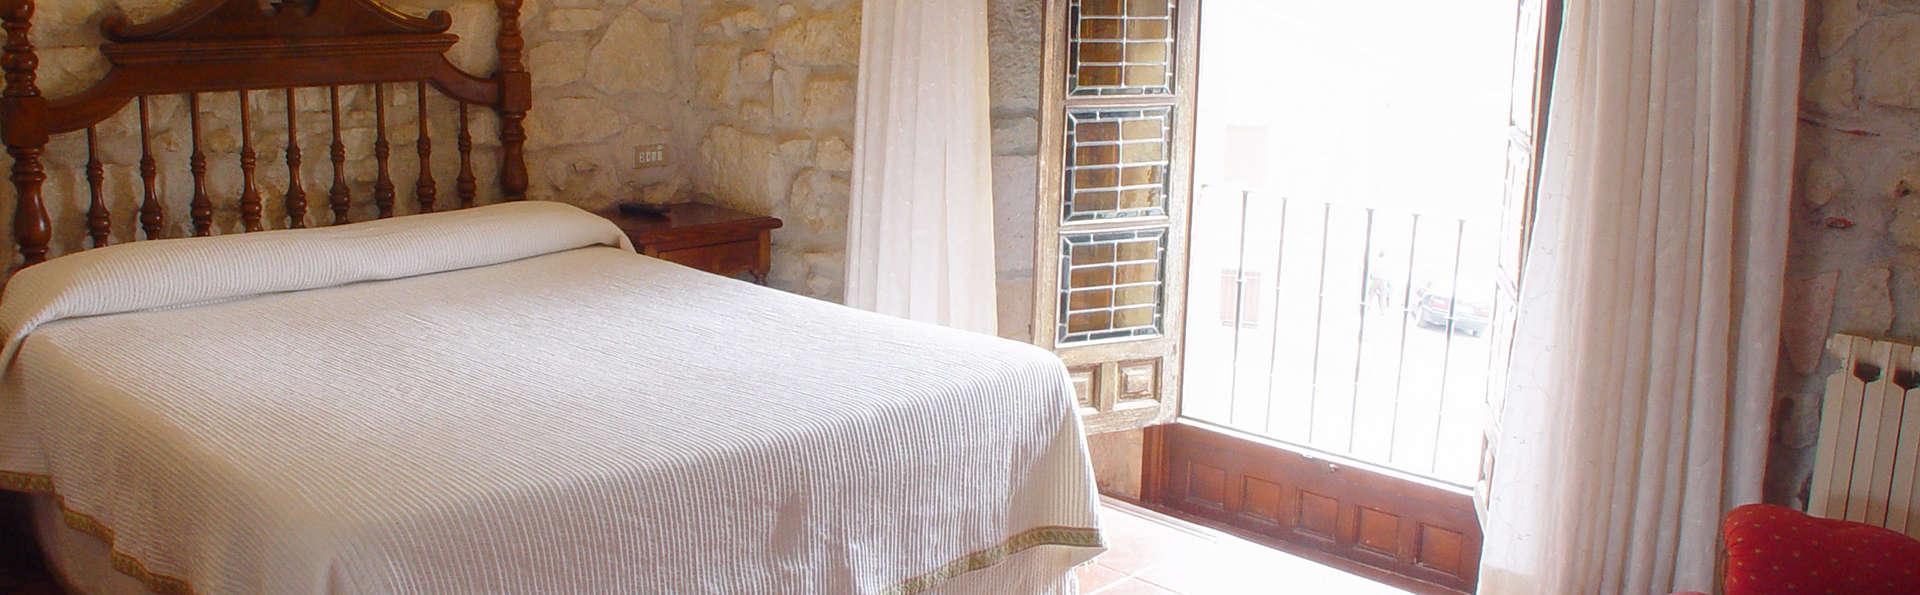 Hotel Tres Coronas de Silos - Edit_Room2.jpg